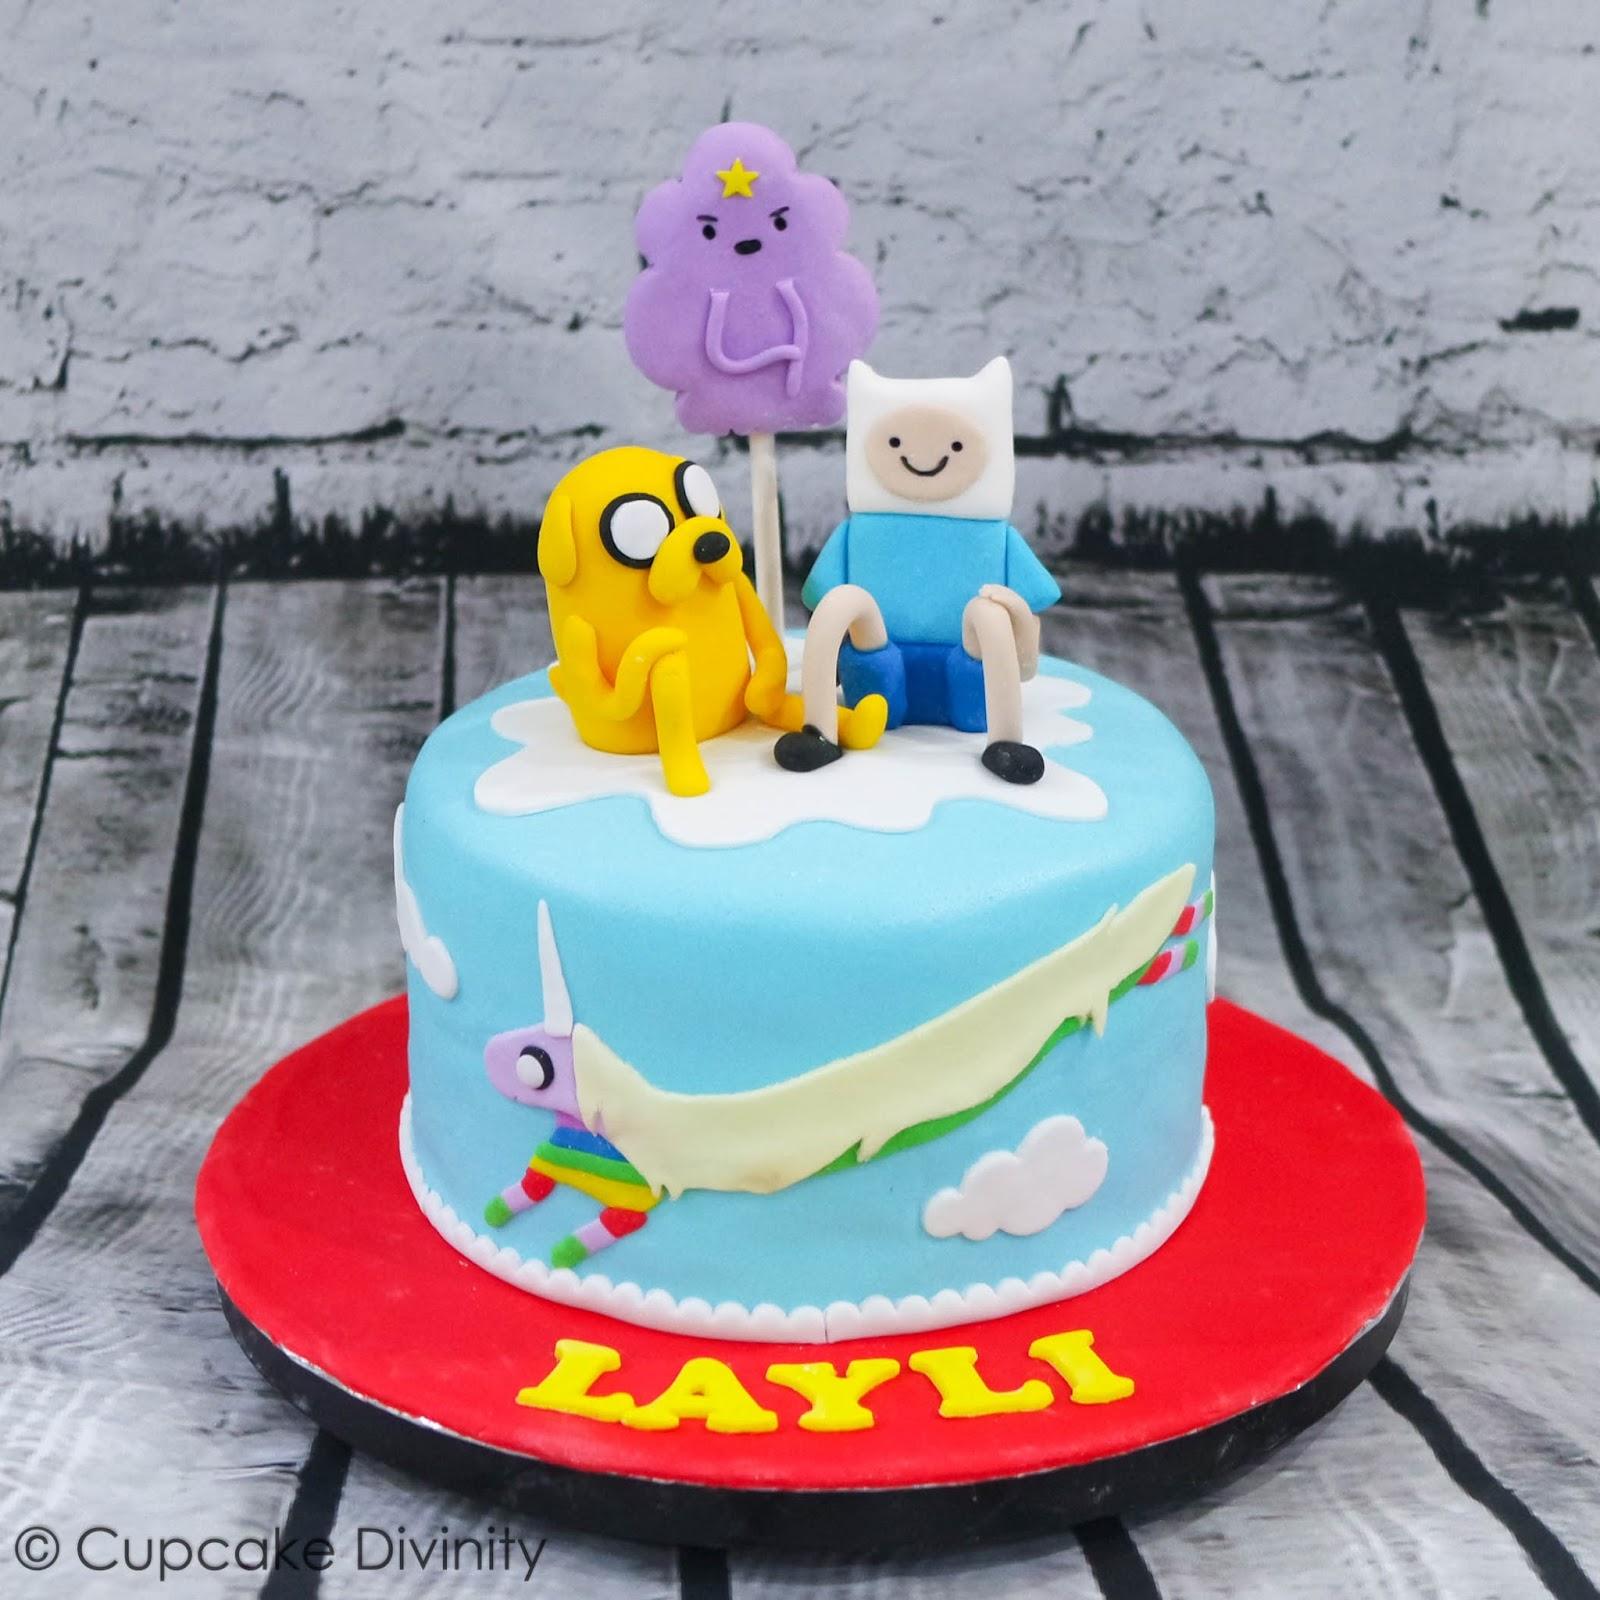 cupcake divinity adventure time cake cupcakes